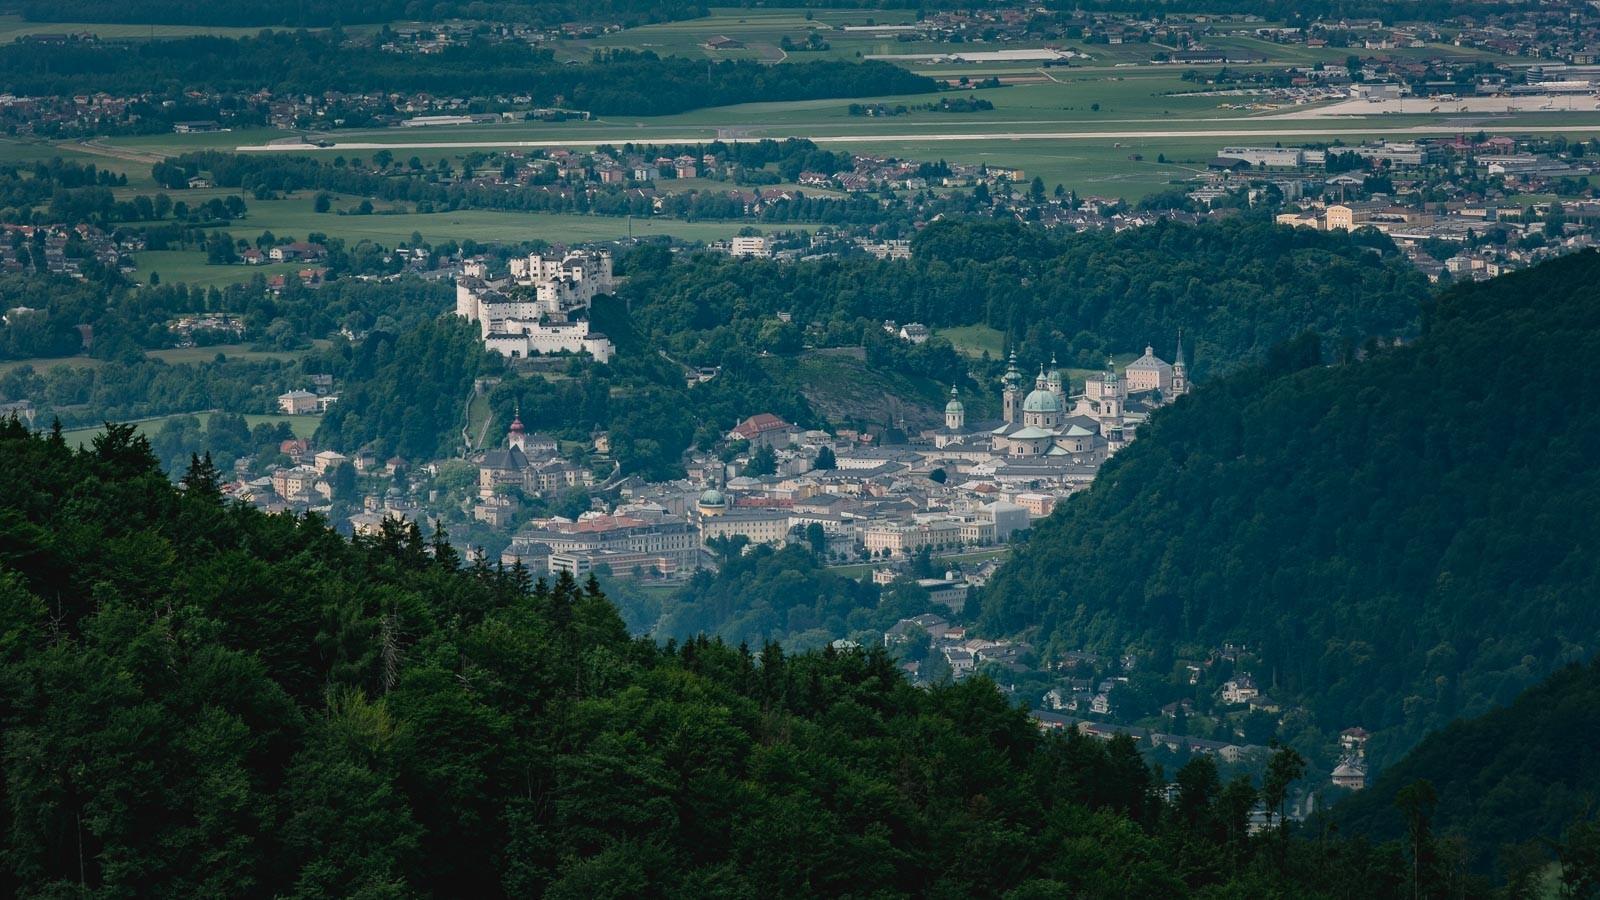 Blick auf die Stadt Salzburg vom Nockstein